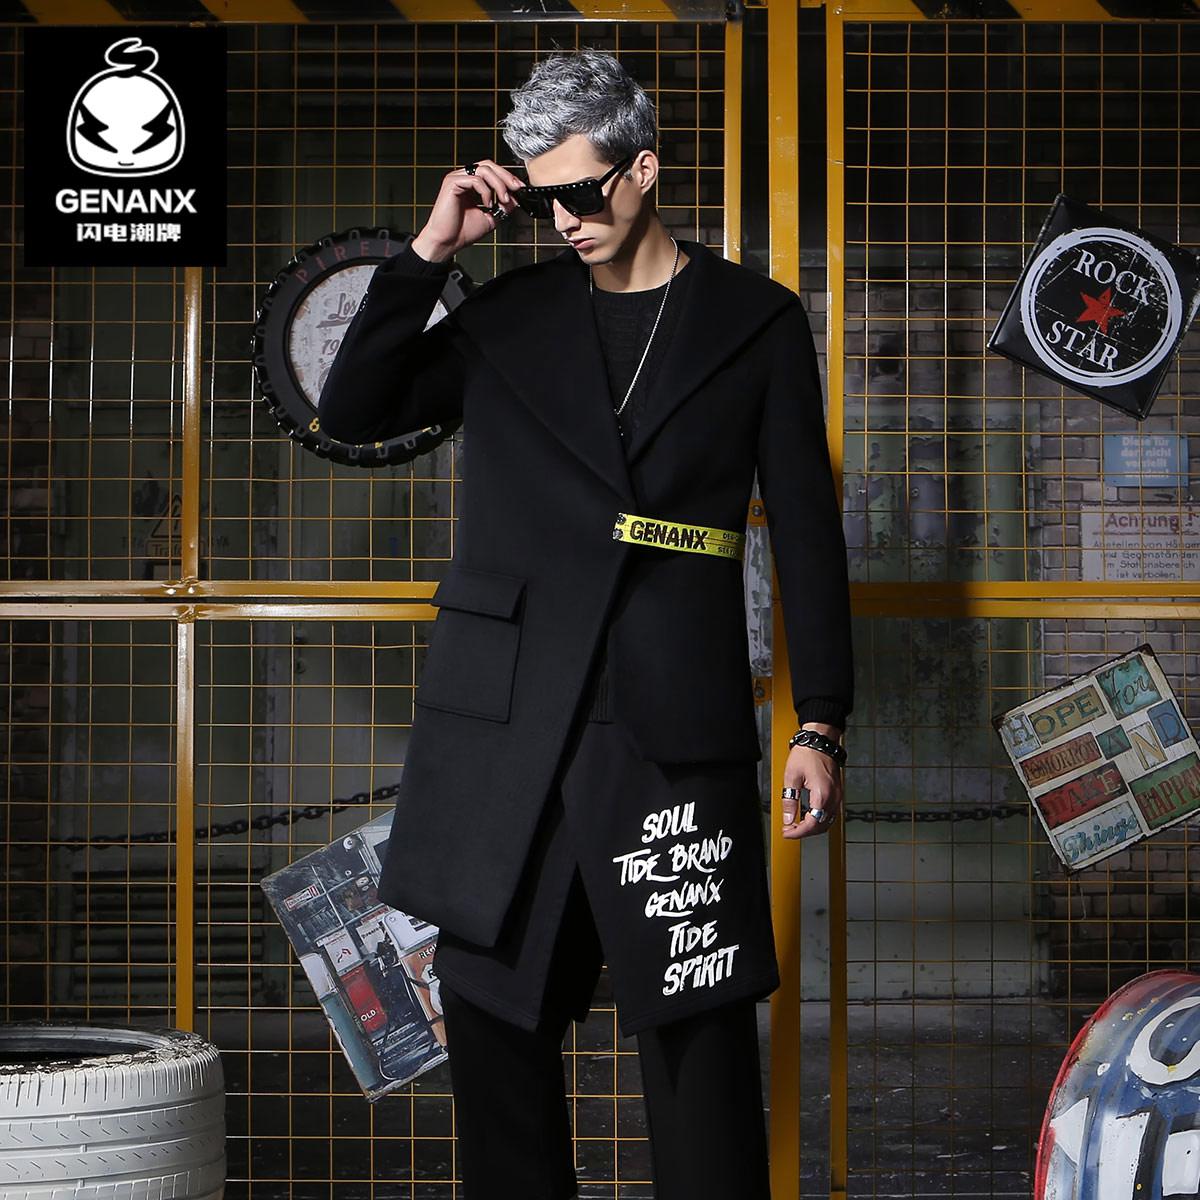 GENANX原创设计师潮牌长短不规则下摆腰带设计羊毛呢大衣外套国潮